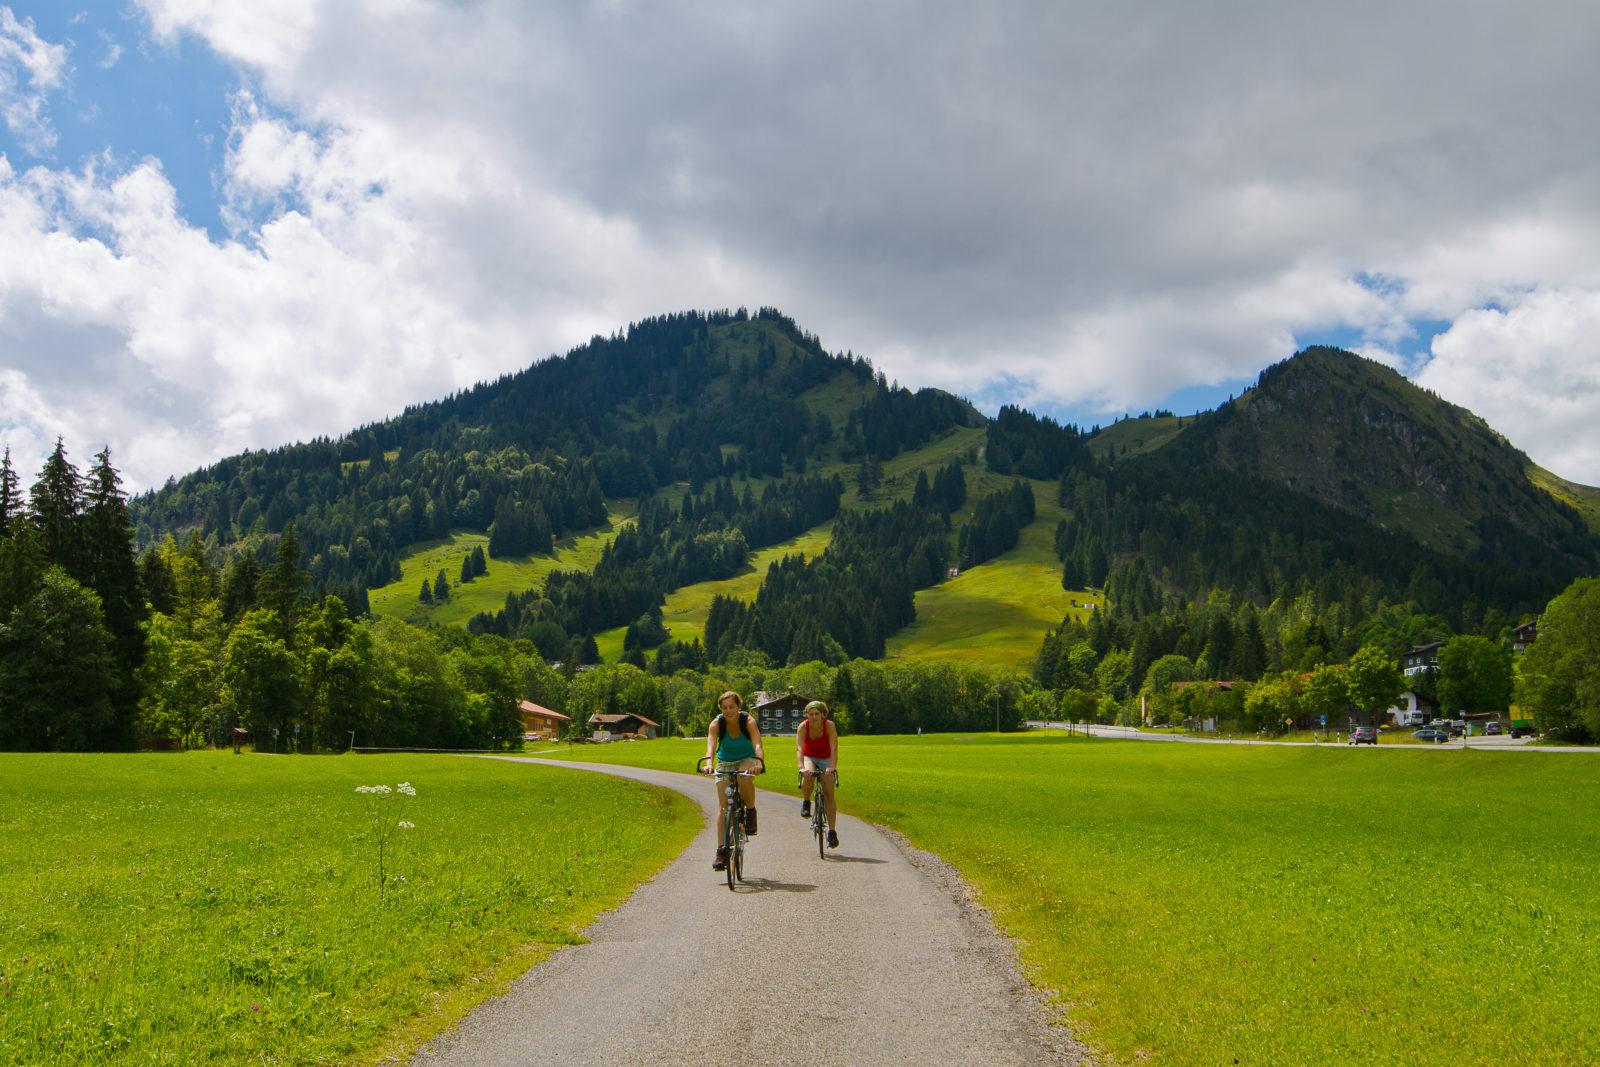 Radtour durchs Tal - Bergheim Unterjoch